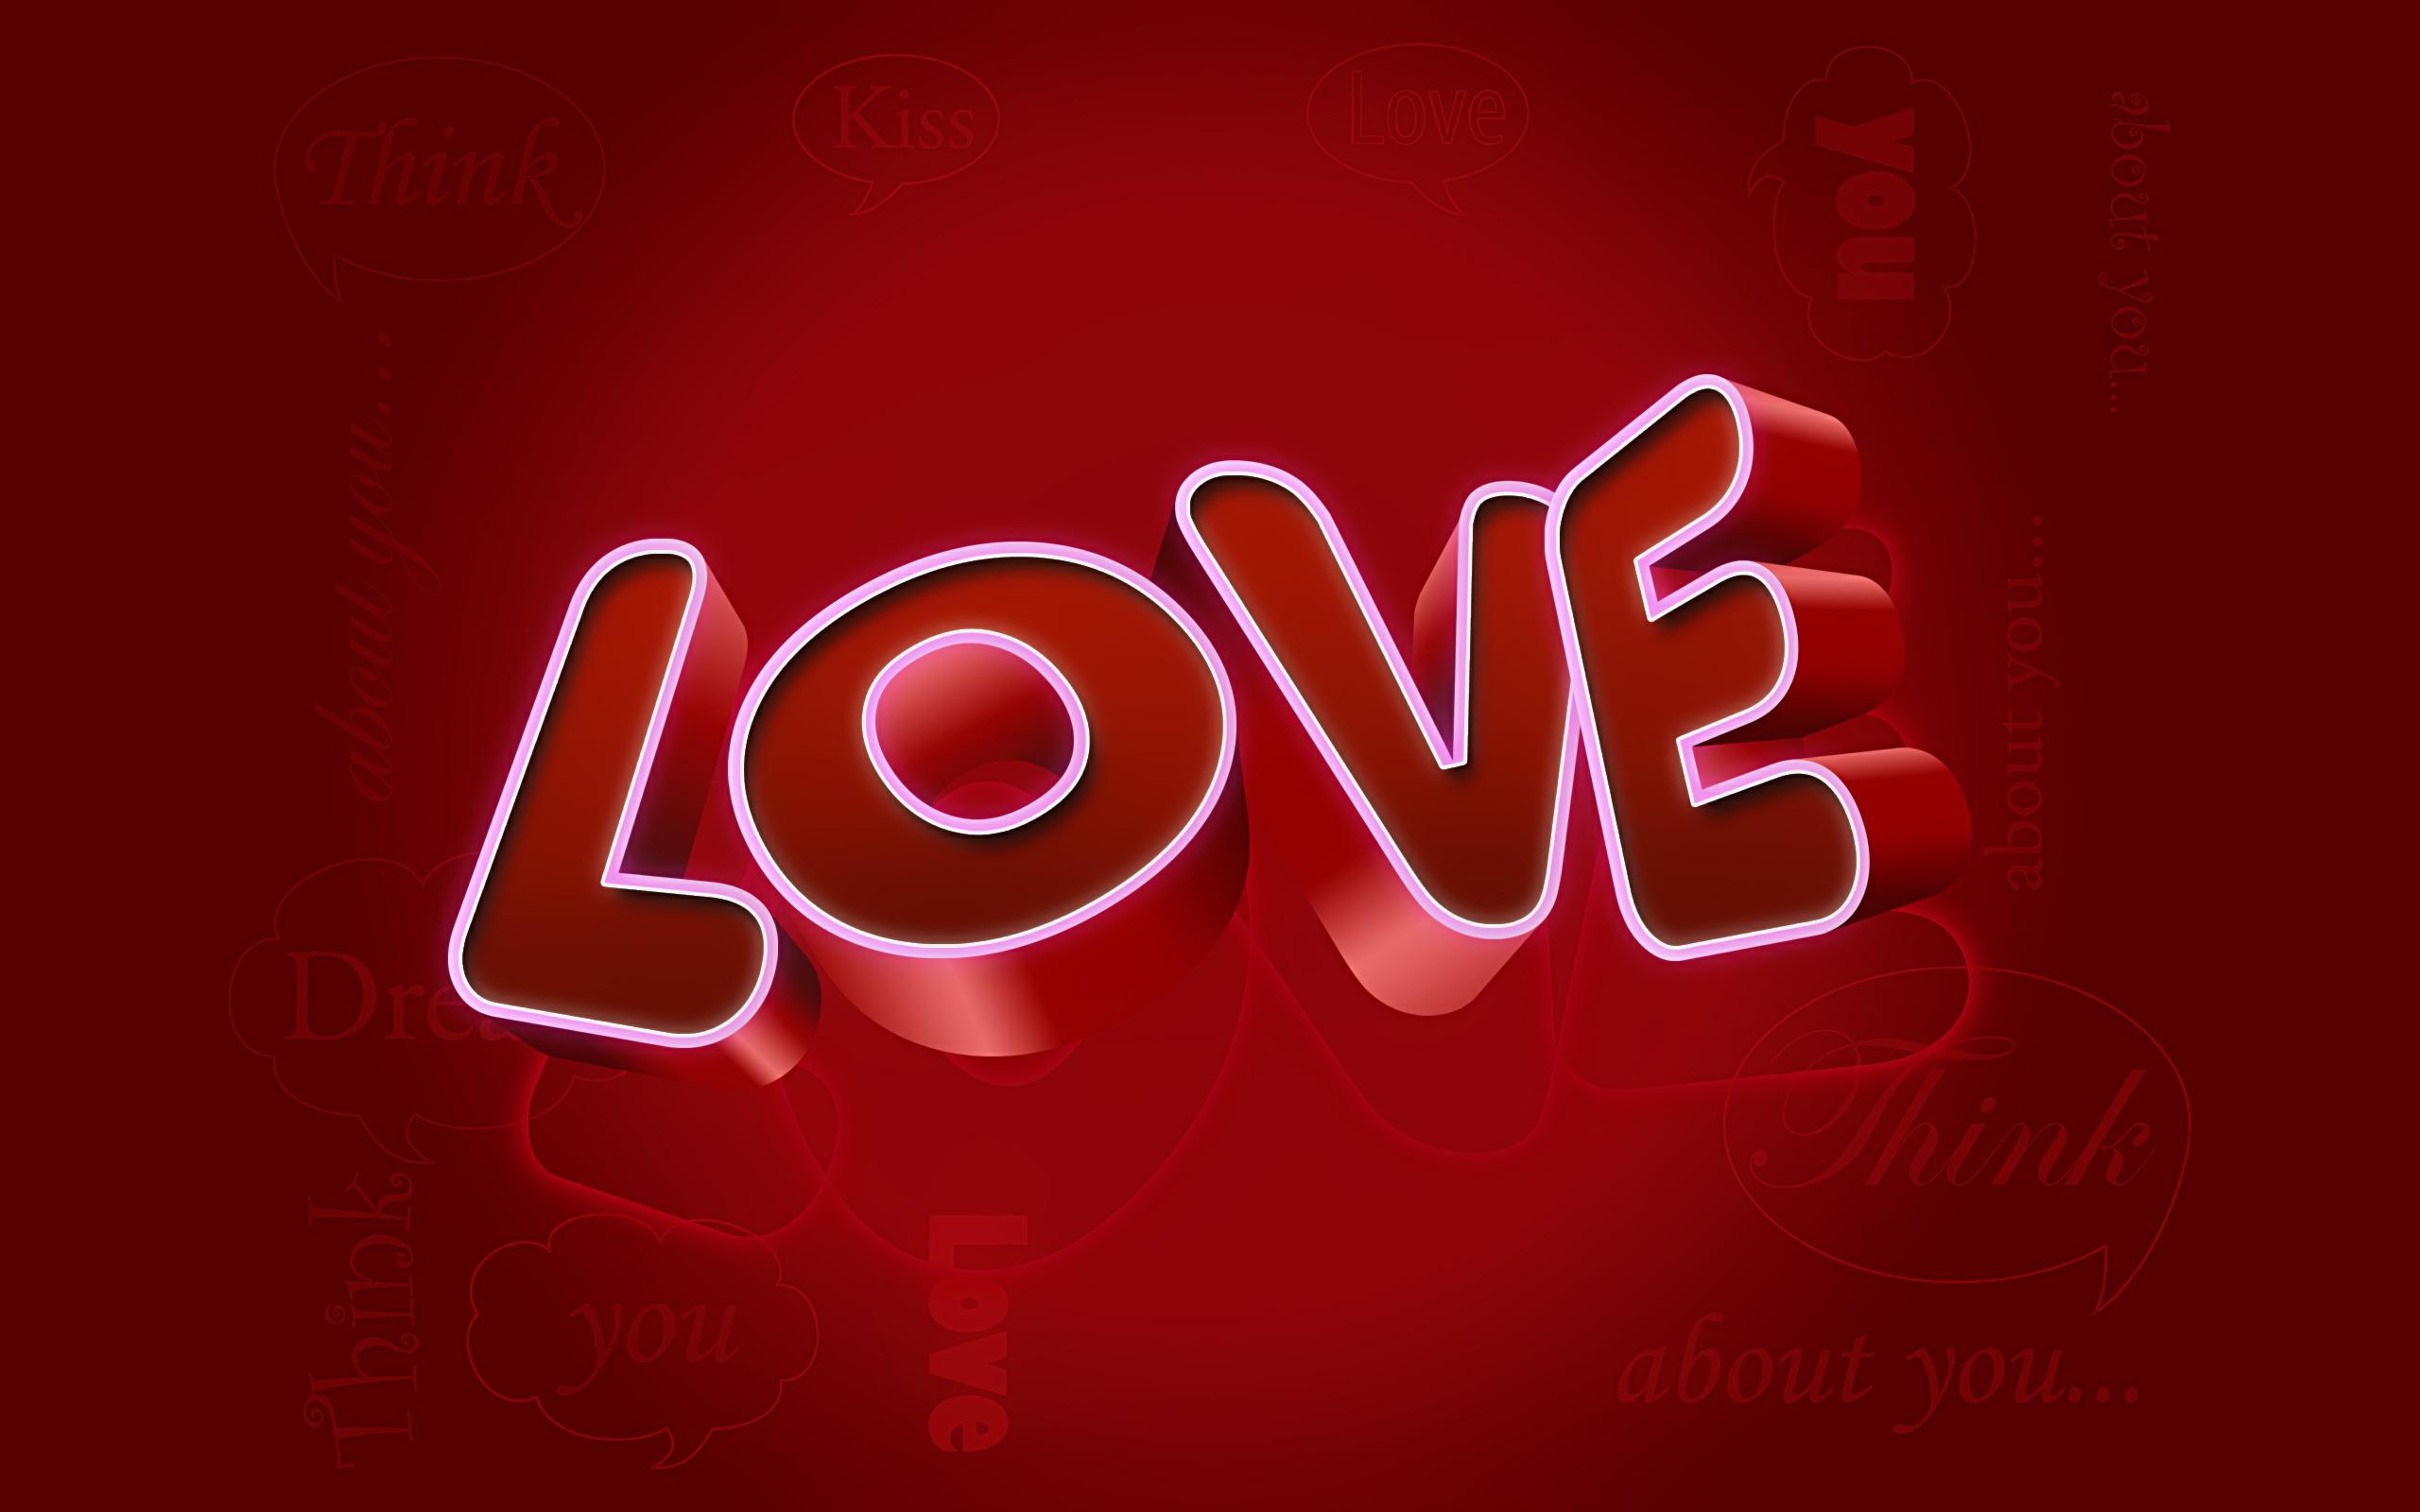 LOVE Wallpaper, скачать фото, обои для рабочего стола, Любовь